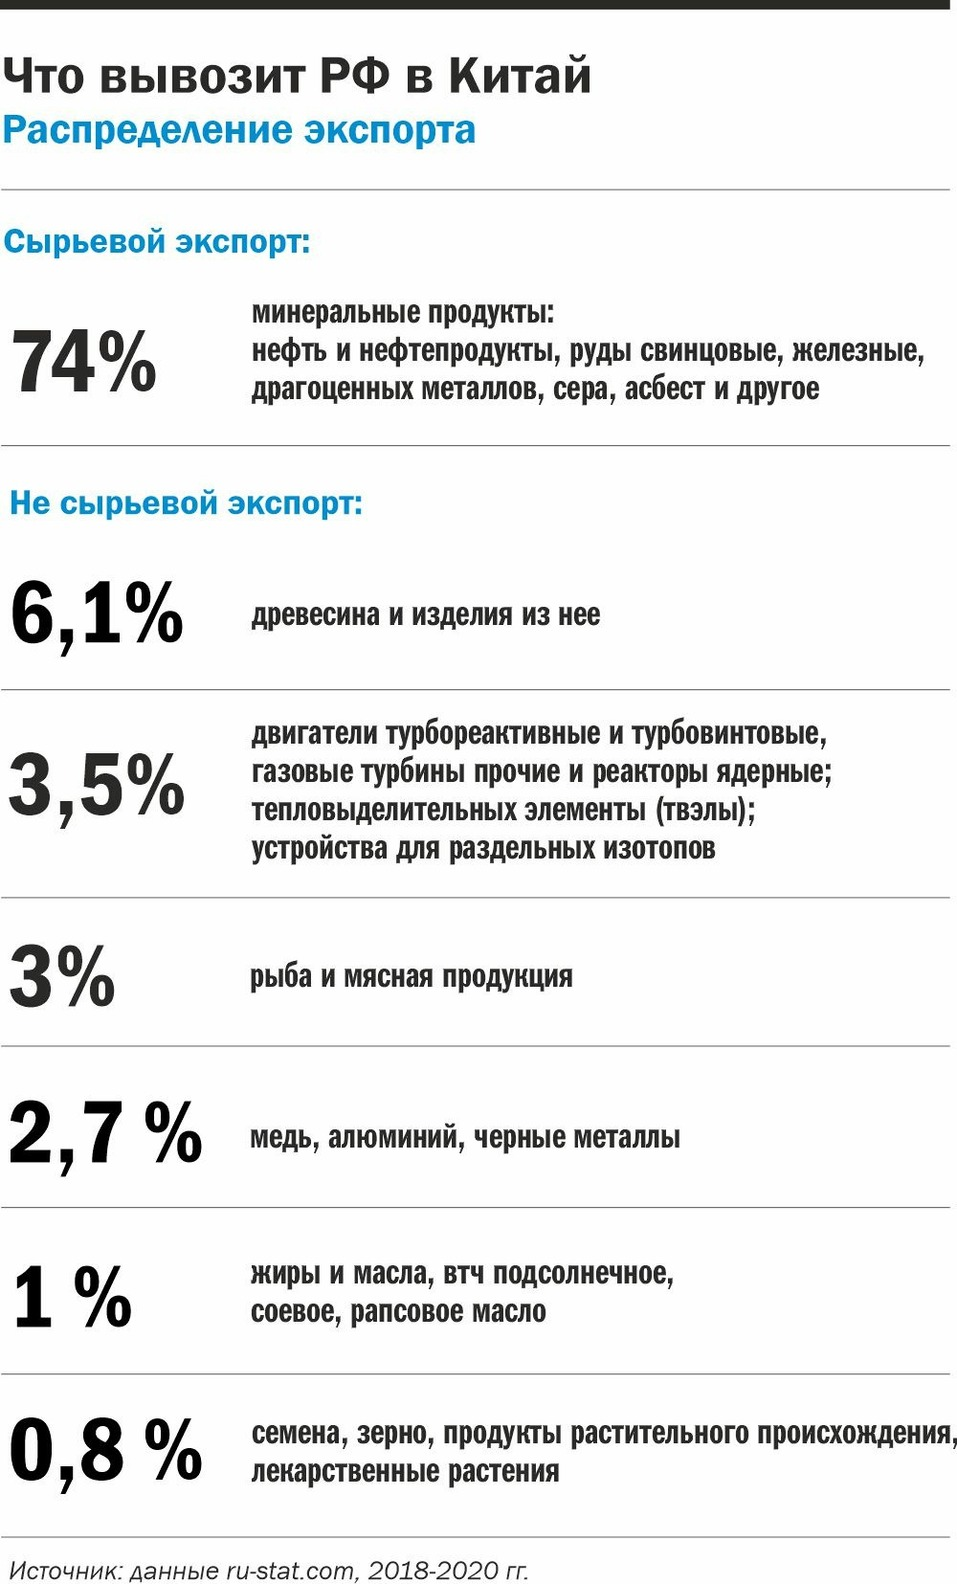 Ифографика: Что вывозит Россия в Китай